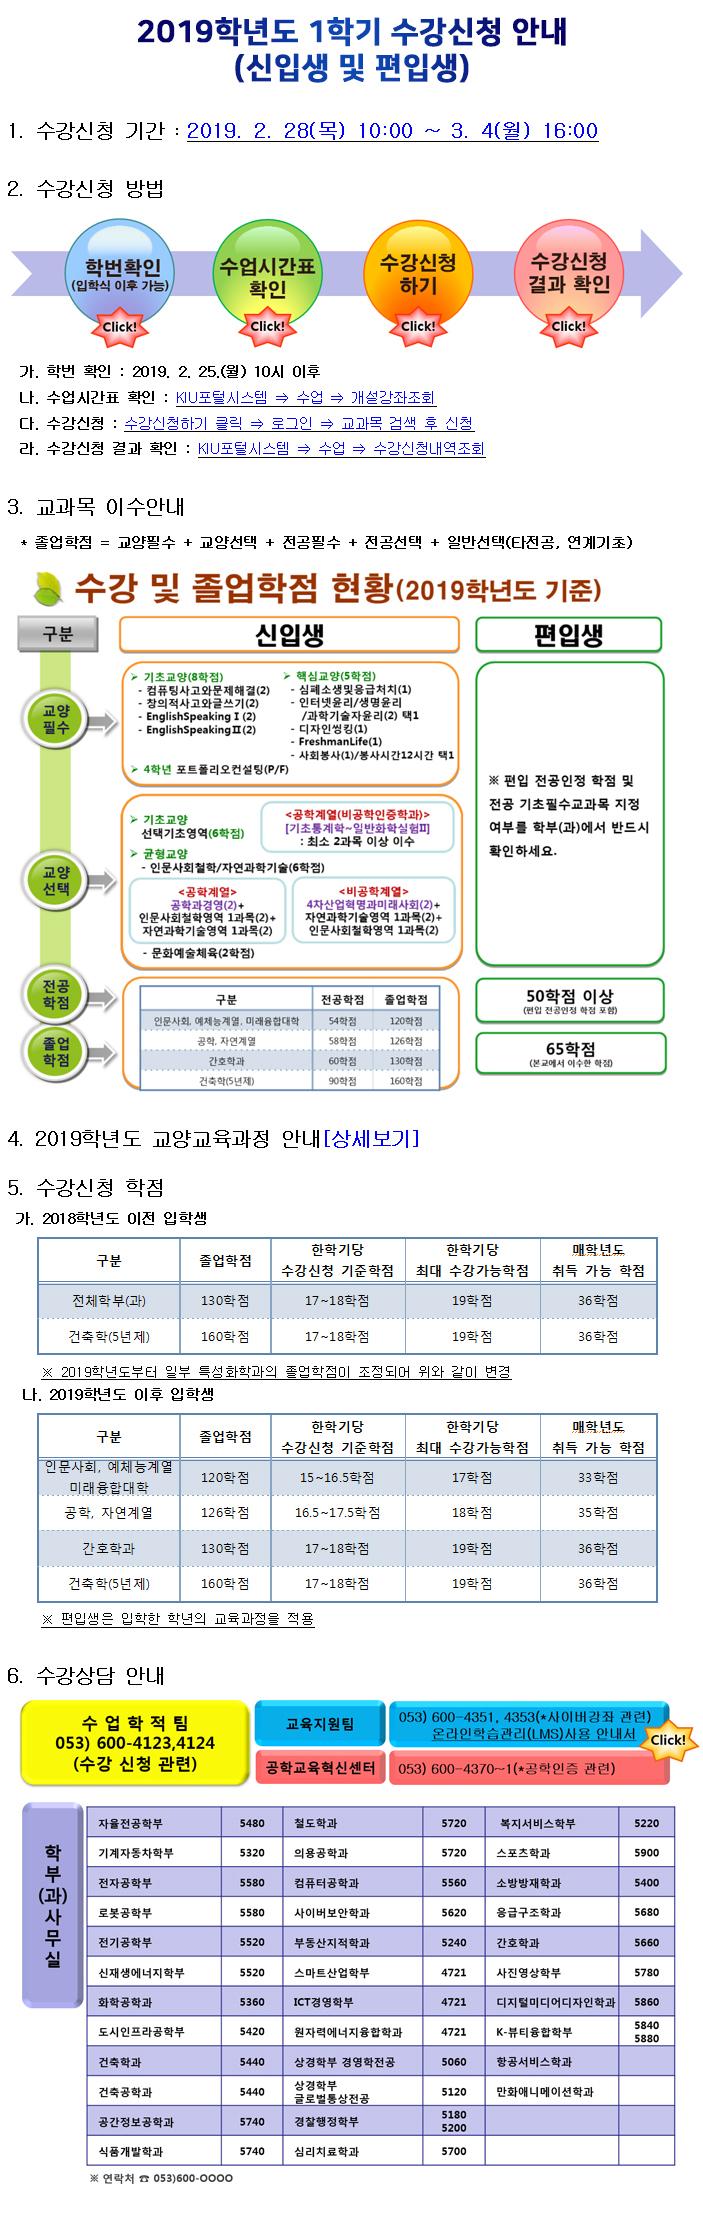 2019학년도 1학기 수강신청 안내(신입생 및 편입생) 관련 이미지 문의사항 수업학적팀